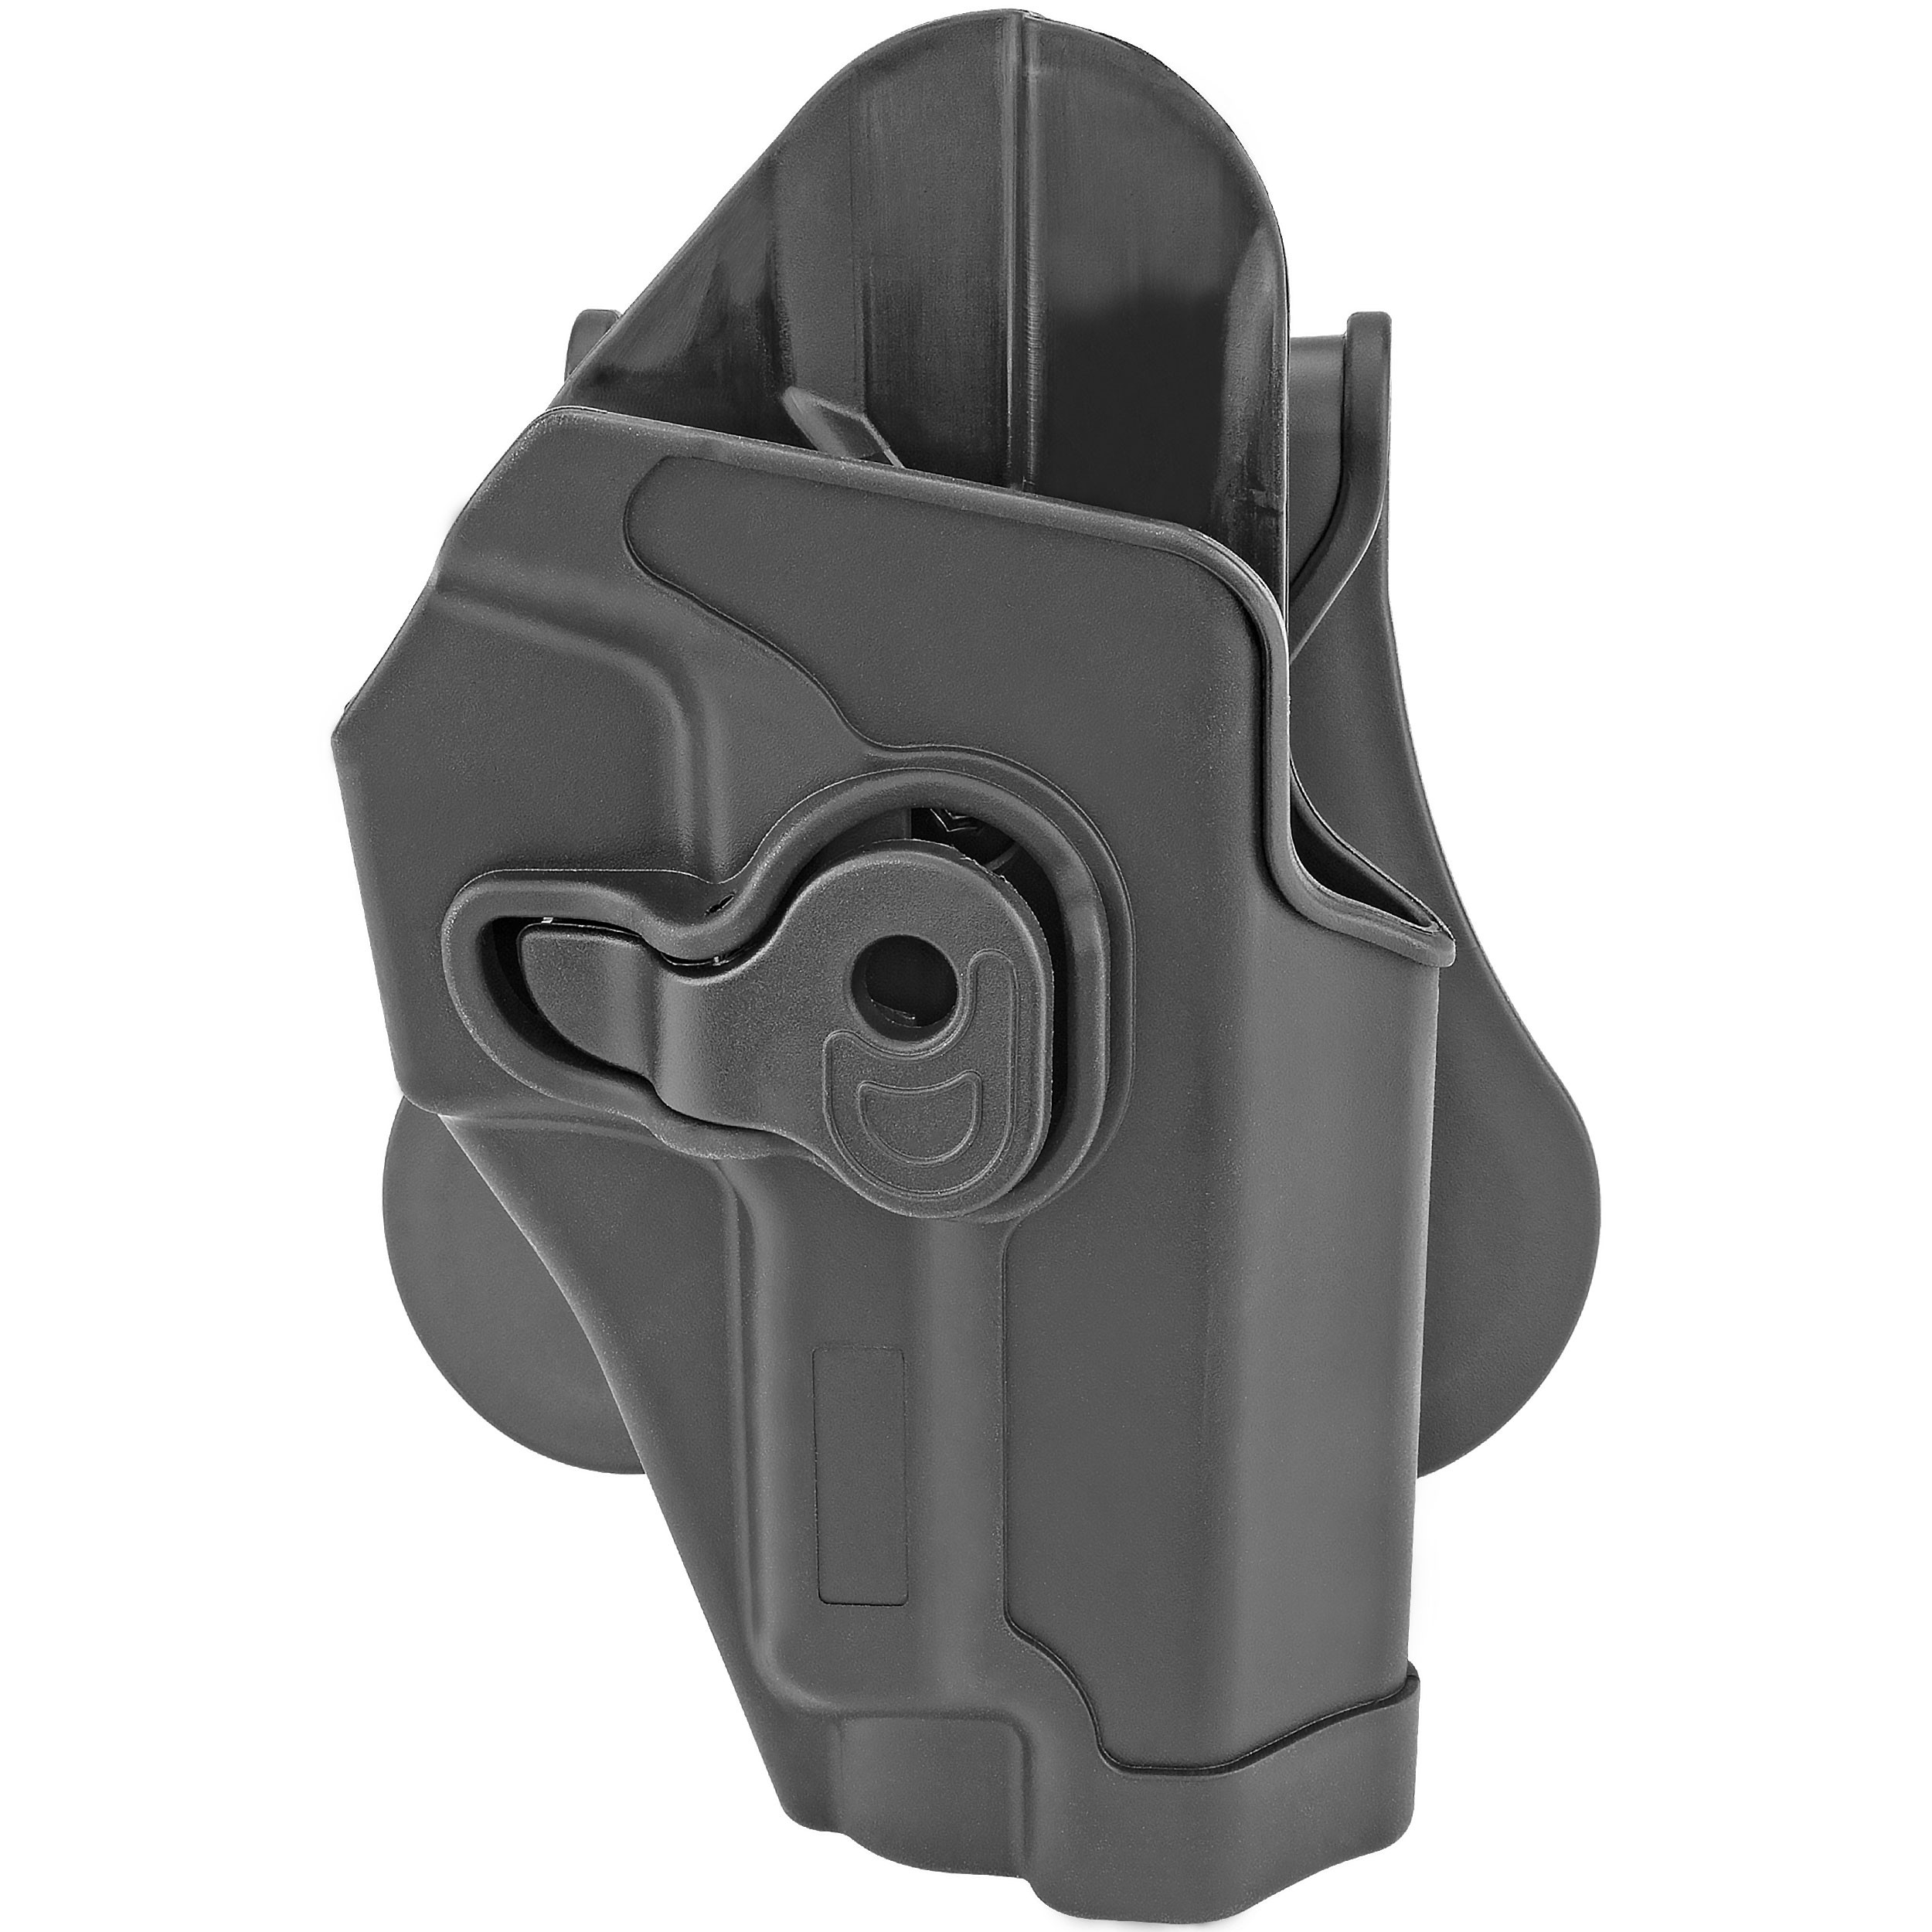 Fits Sig Sauer P220, P225, P226, P228, P229, Norinco NP22